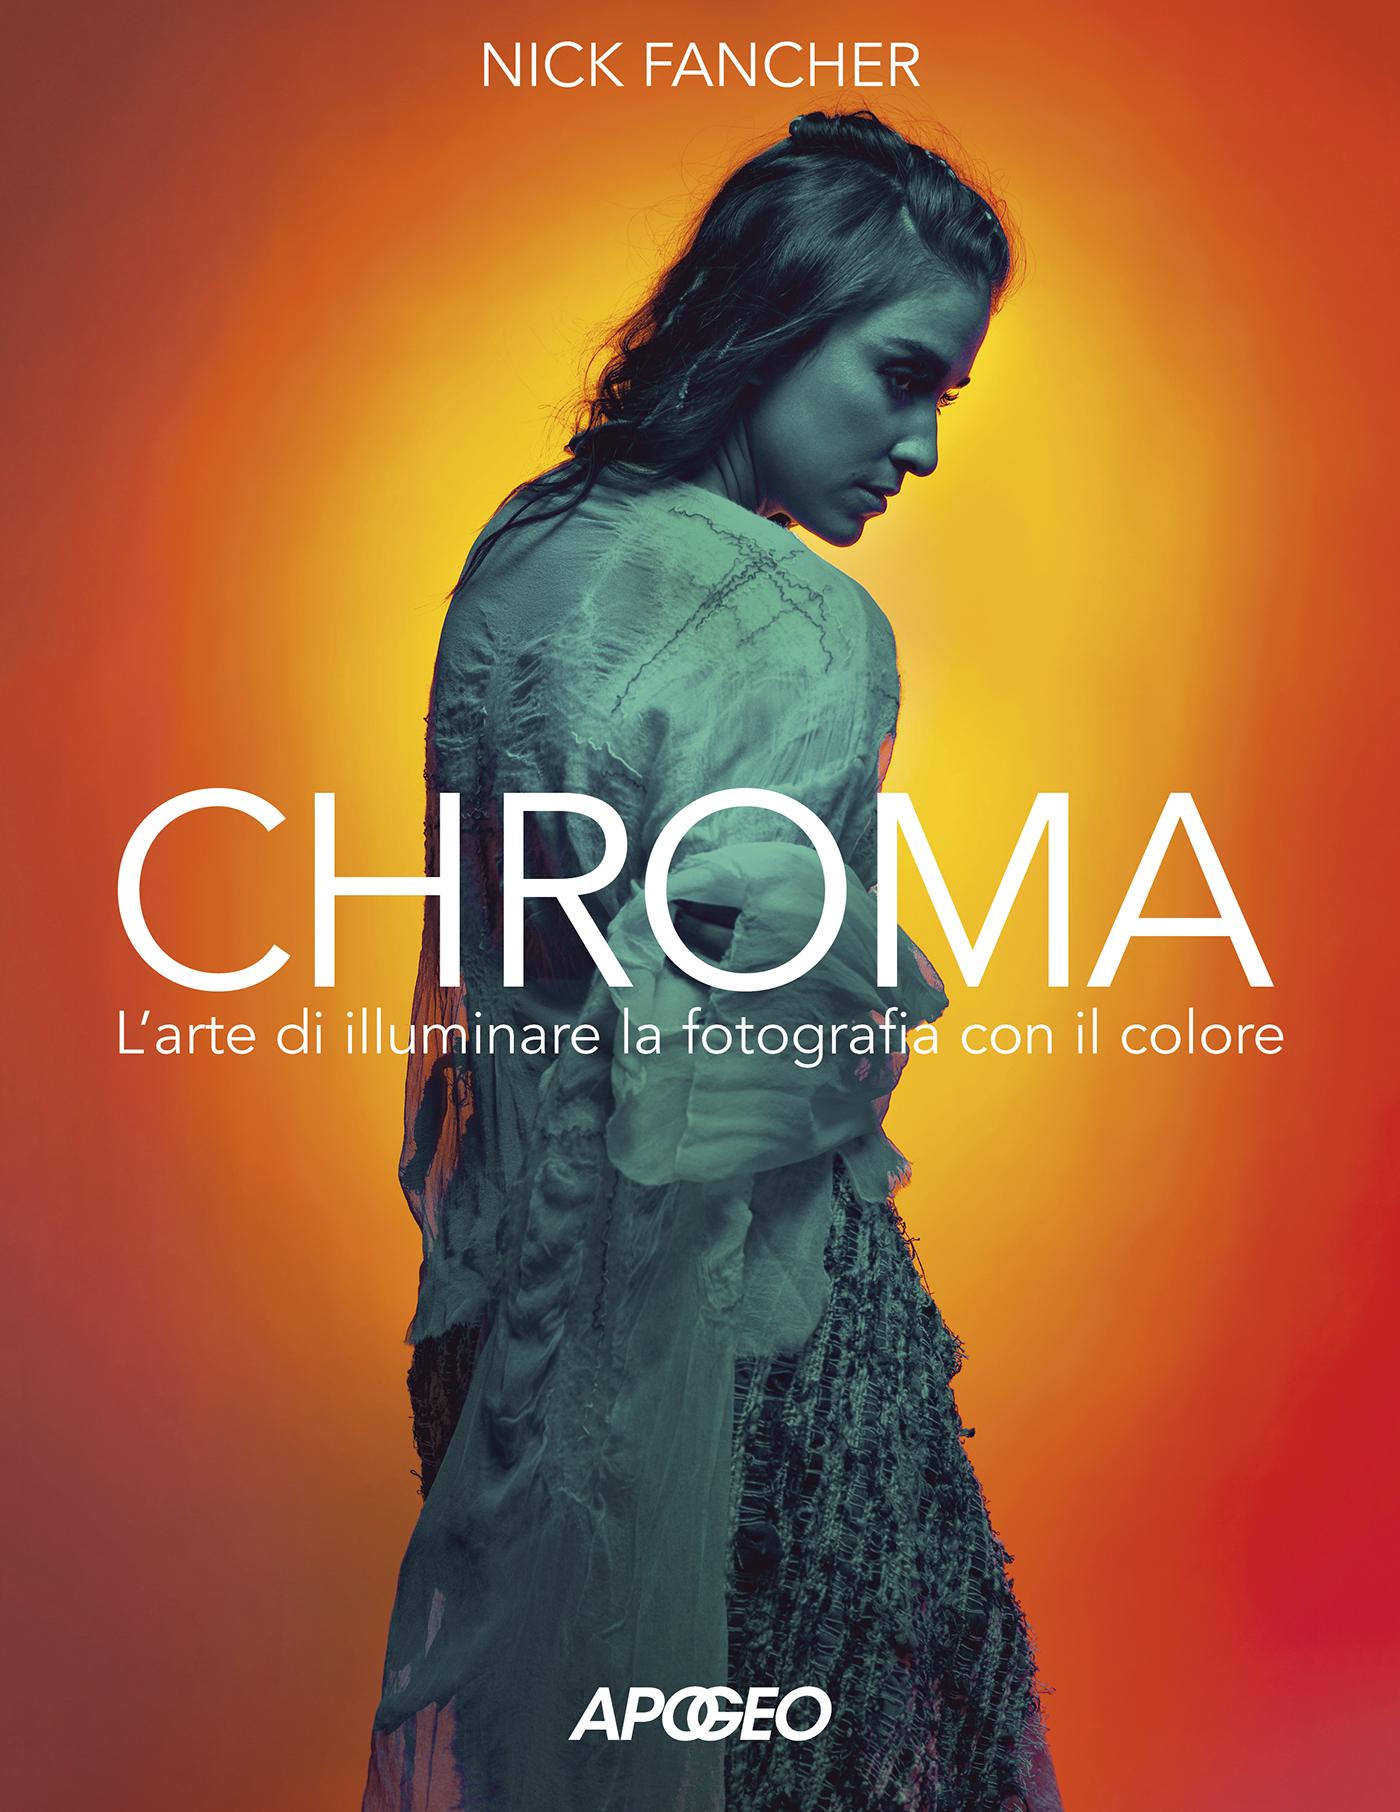 Chroma, di Nick Fancher